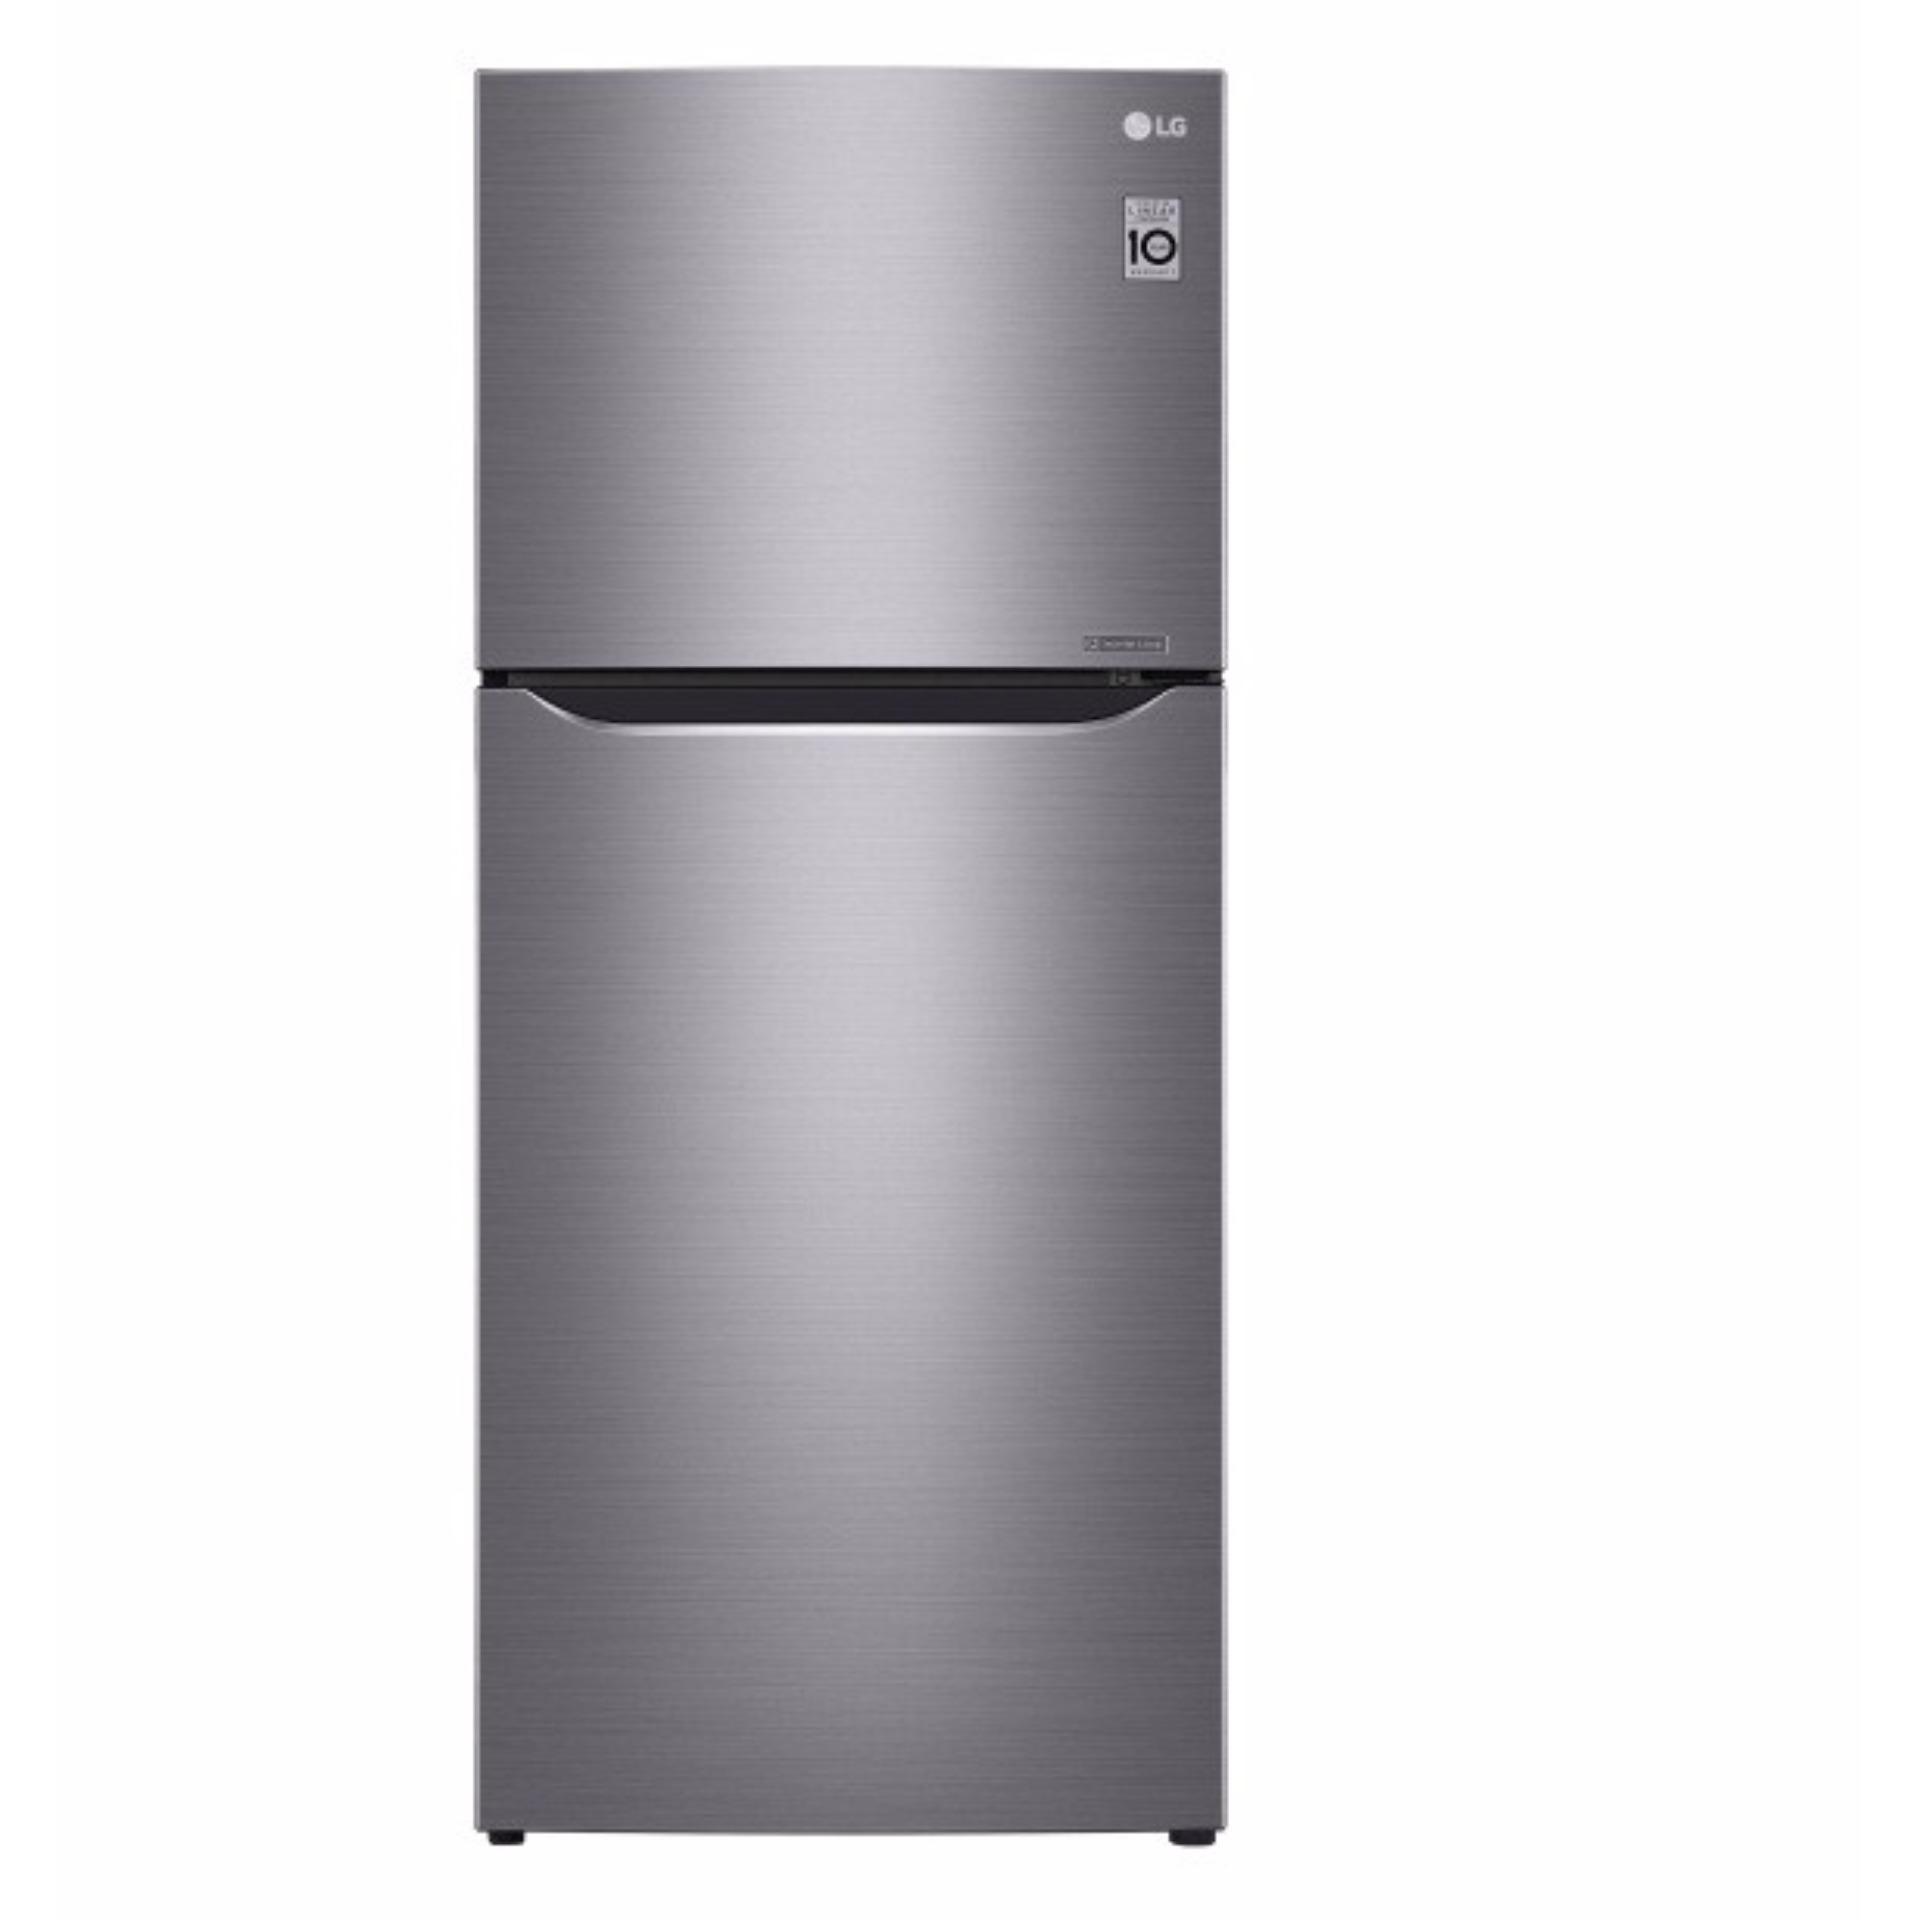 Tủ lạnh LG GN-L315PN (Bạc)